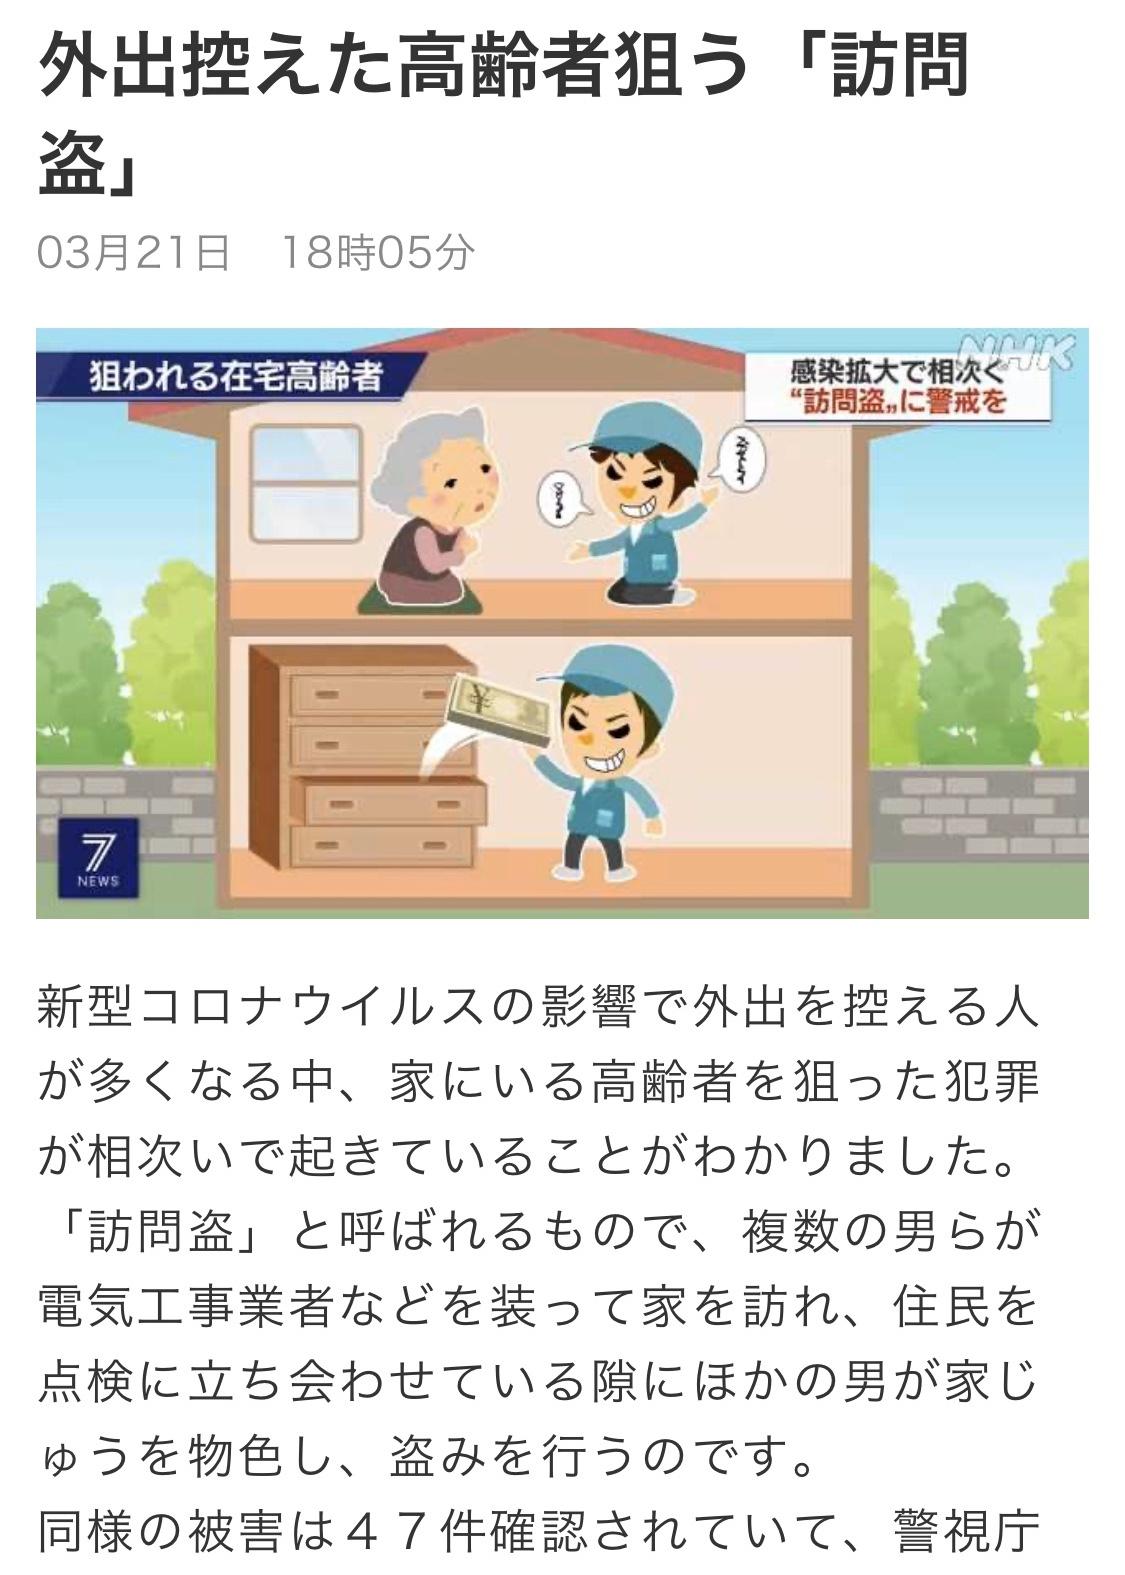 外出を自粛している高齢者を狙った「訪問盗」に注意!